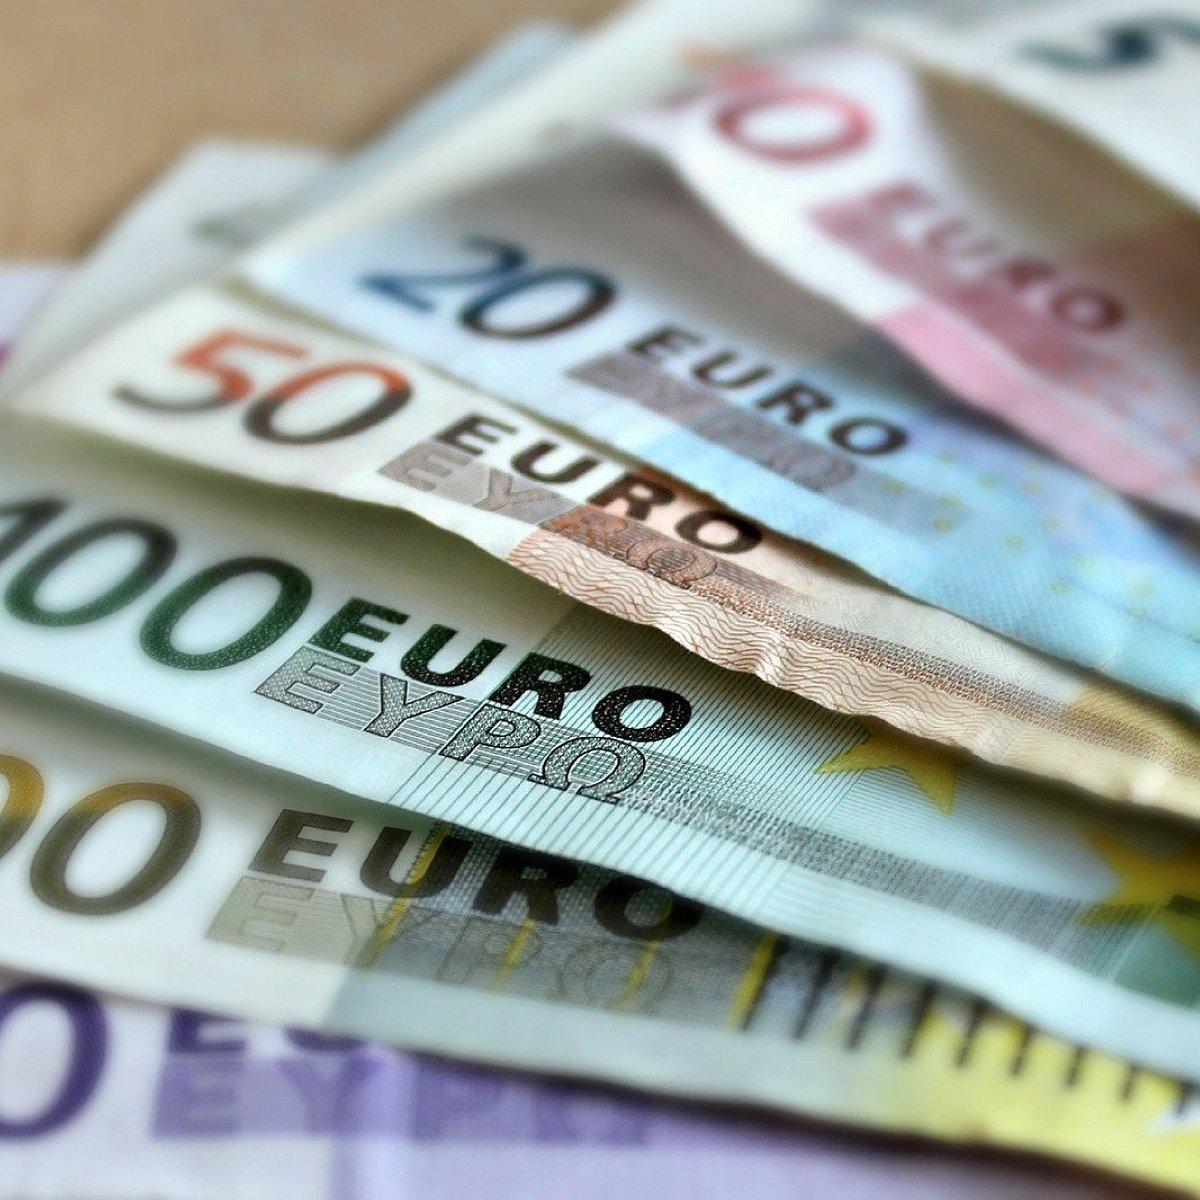 hogyan lehet bevallani az internetes jövedelemből származó pénzt)